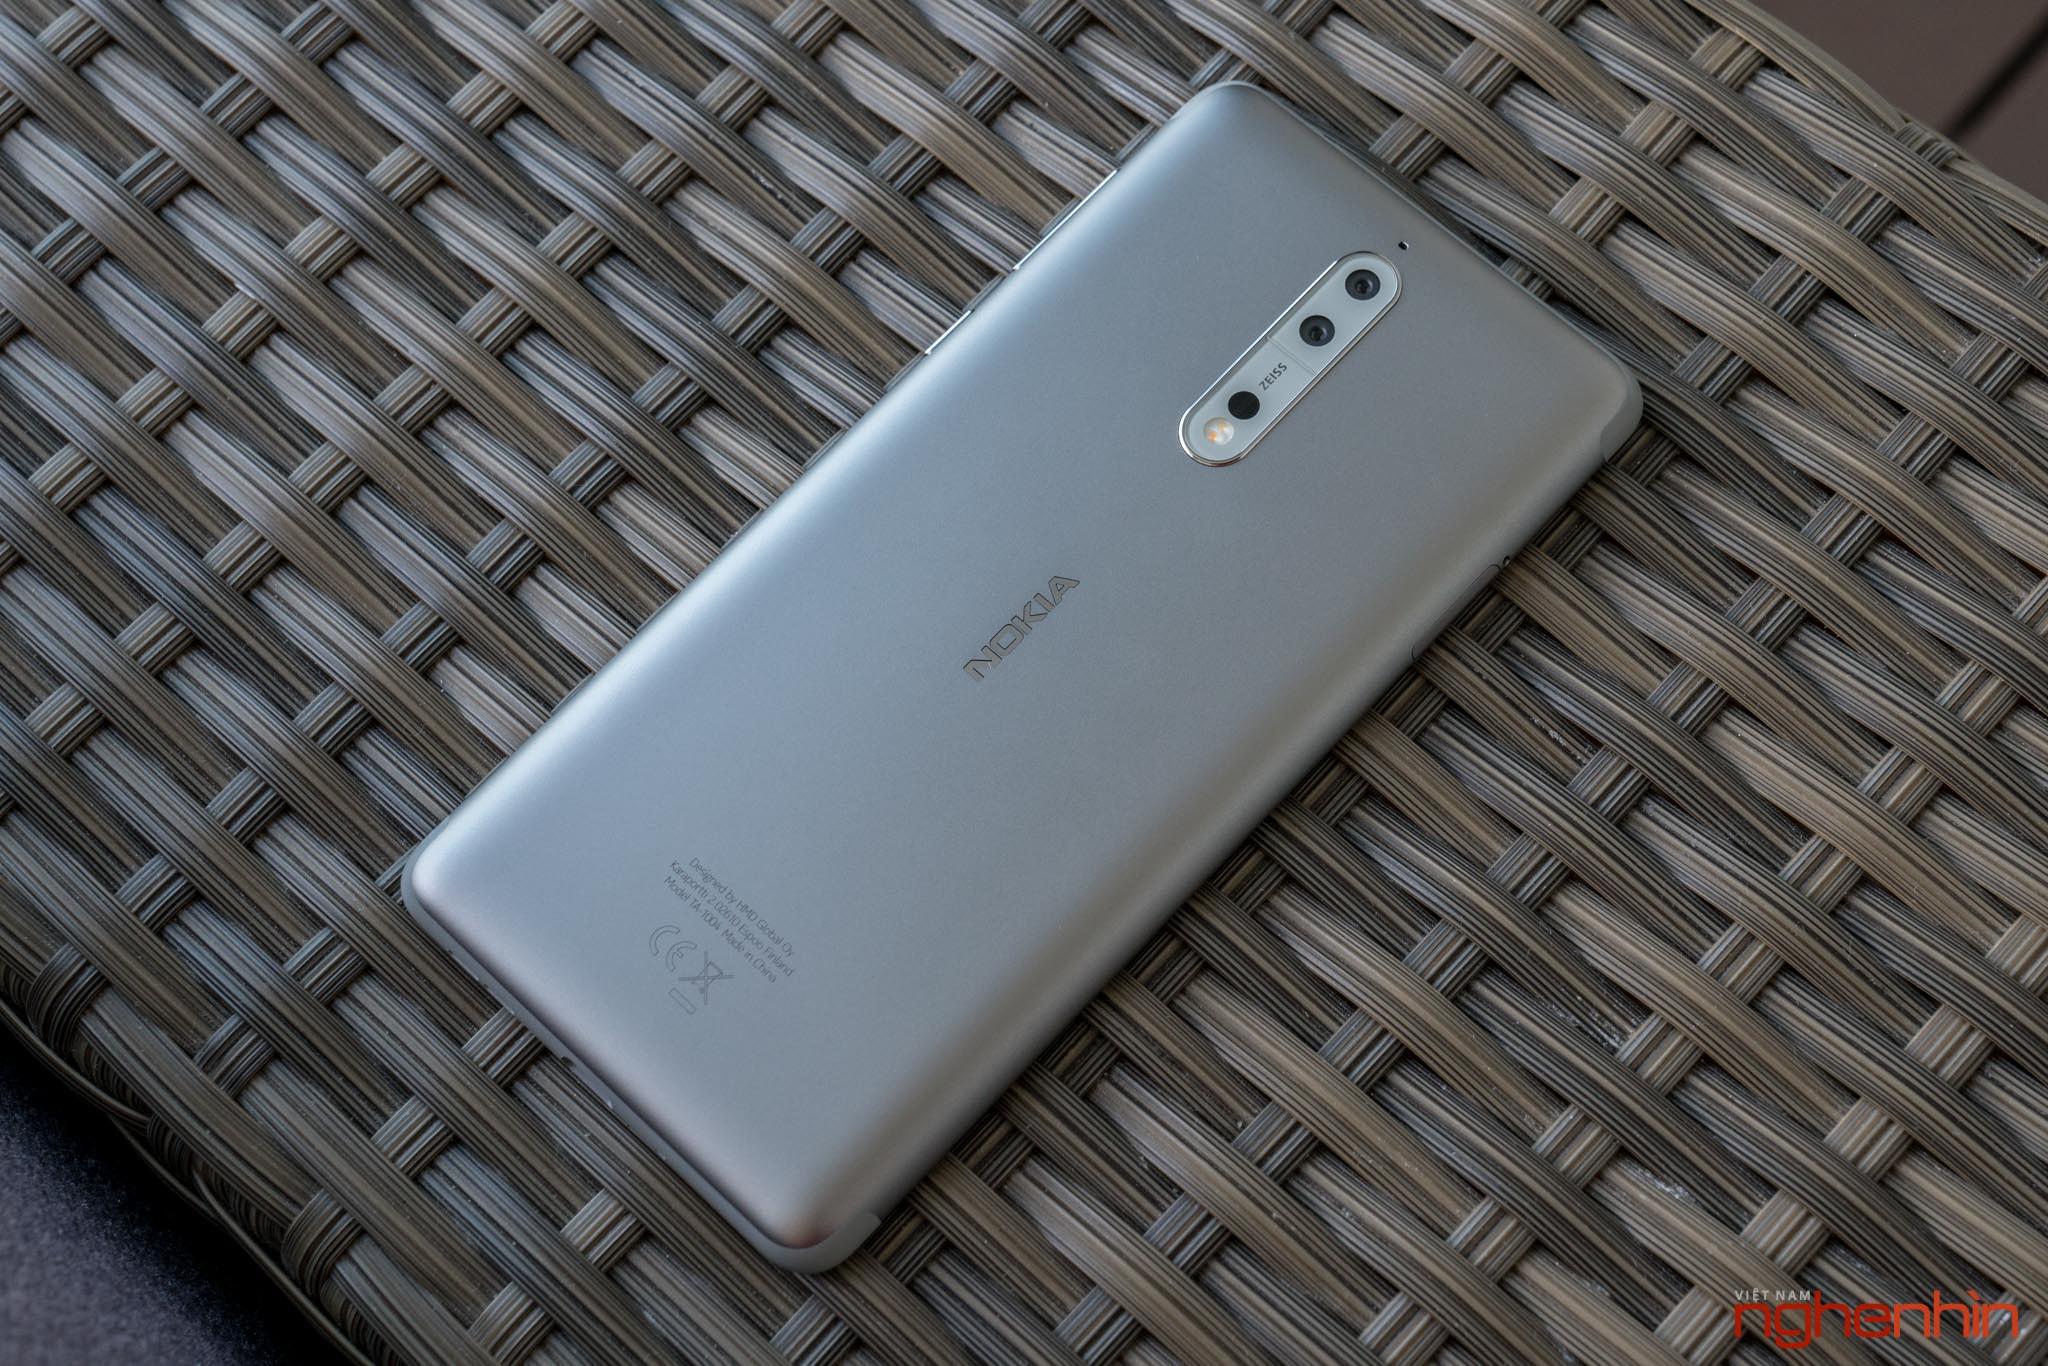 Mở hộp Nokia 8 chính hãng: hoàn thiện cao cấp, camera kép ống kính Zeiss ảnh 3